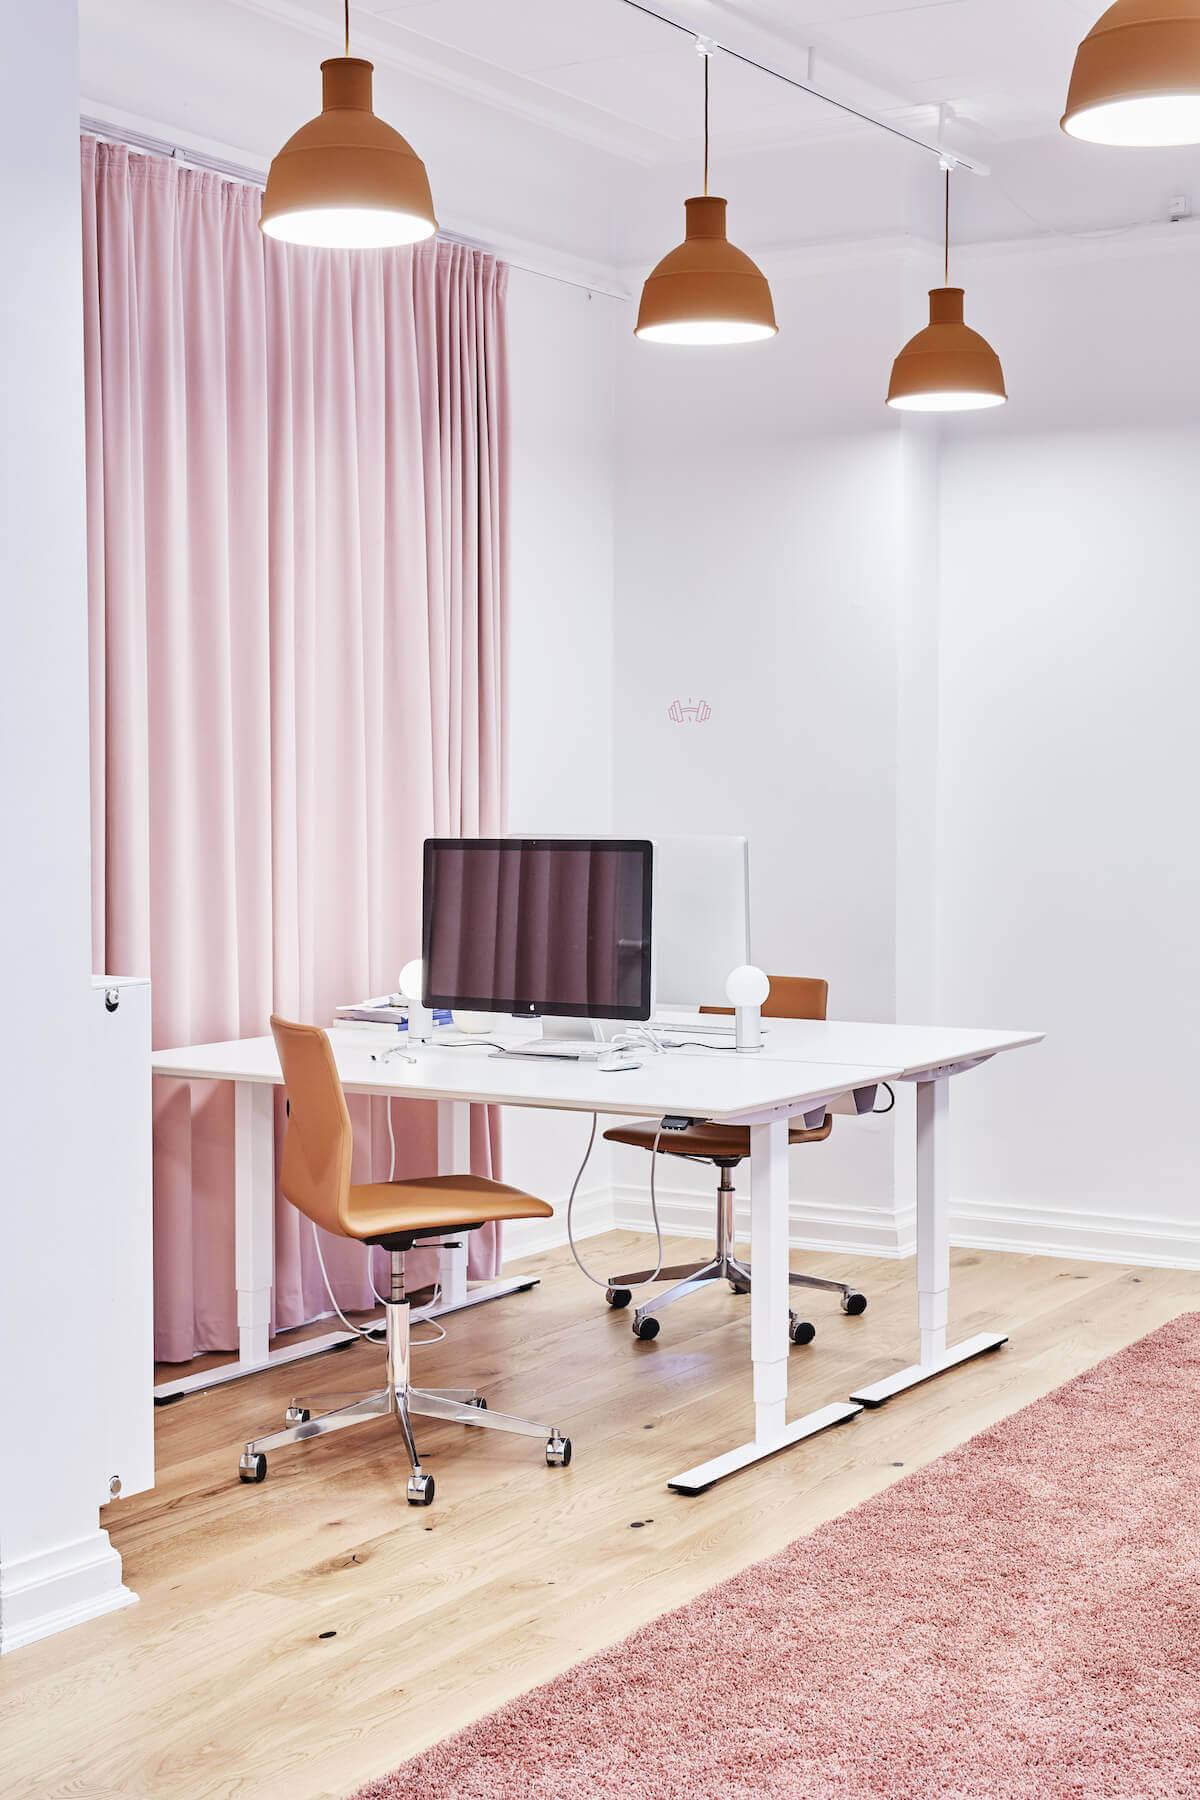 Moderne Kontor Med Hæve Sænkebord, Mødestol Og Gulvtæppe